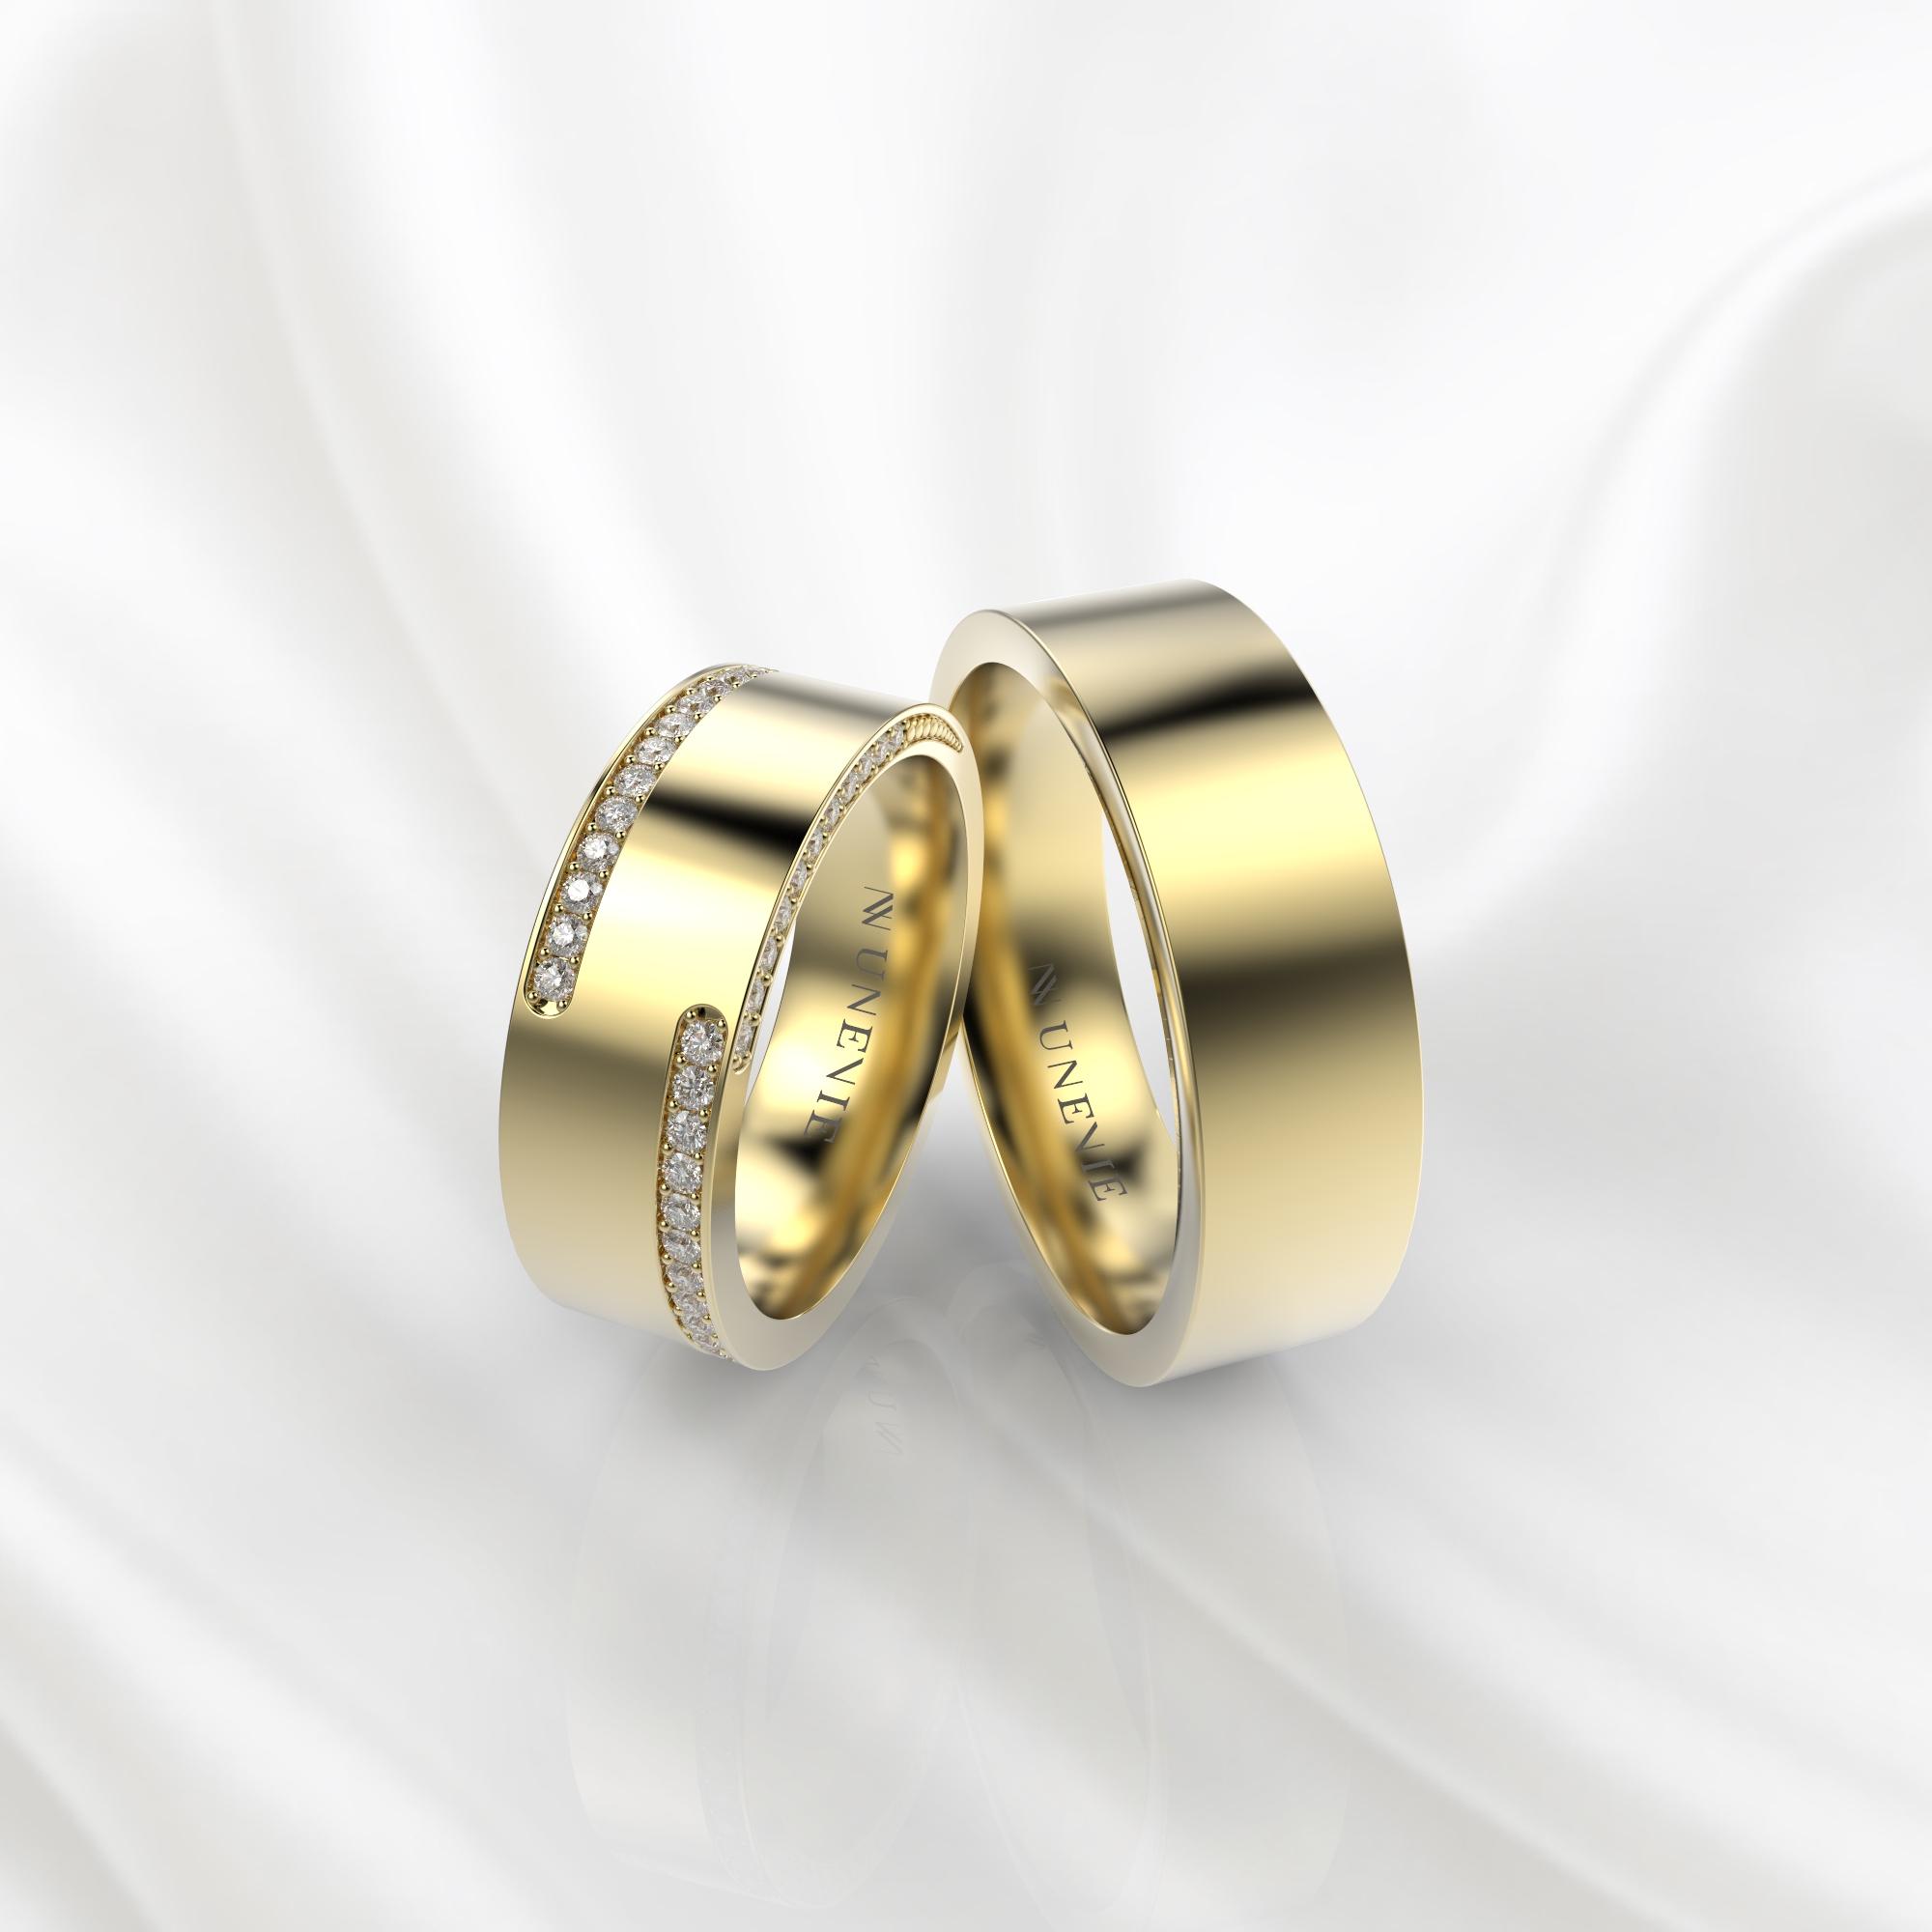 NV63 Парные обручальные кольца из желтого золота с бриллиантами